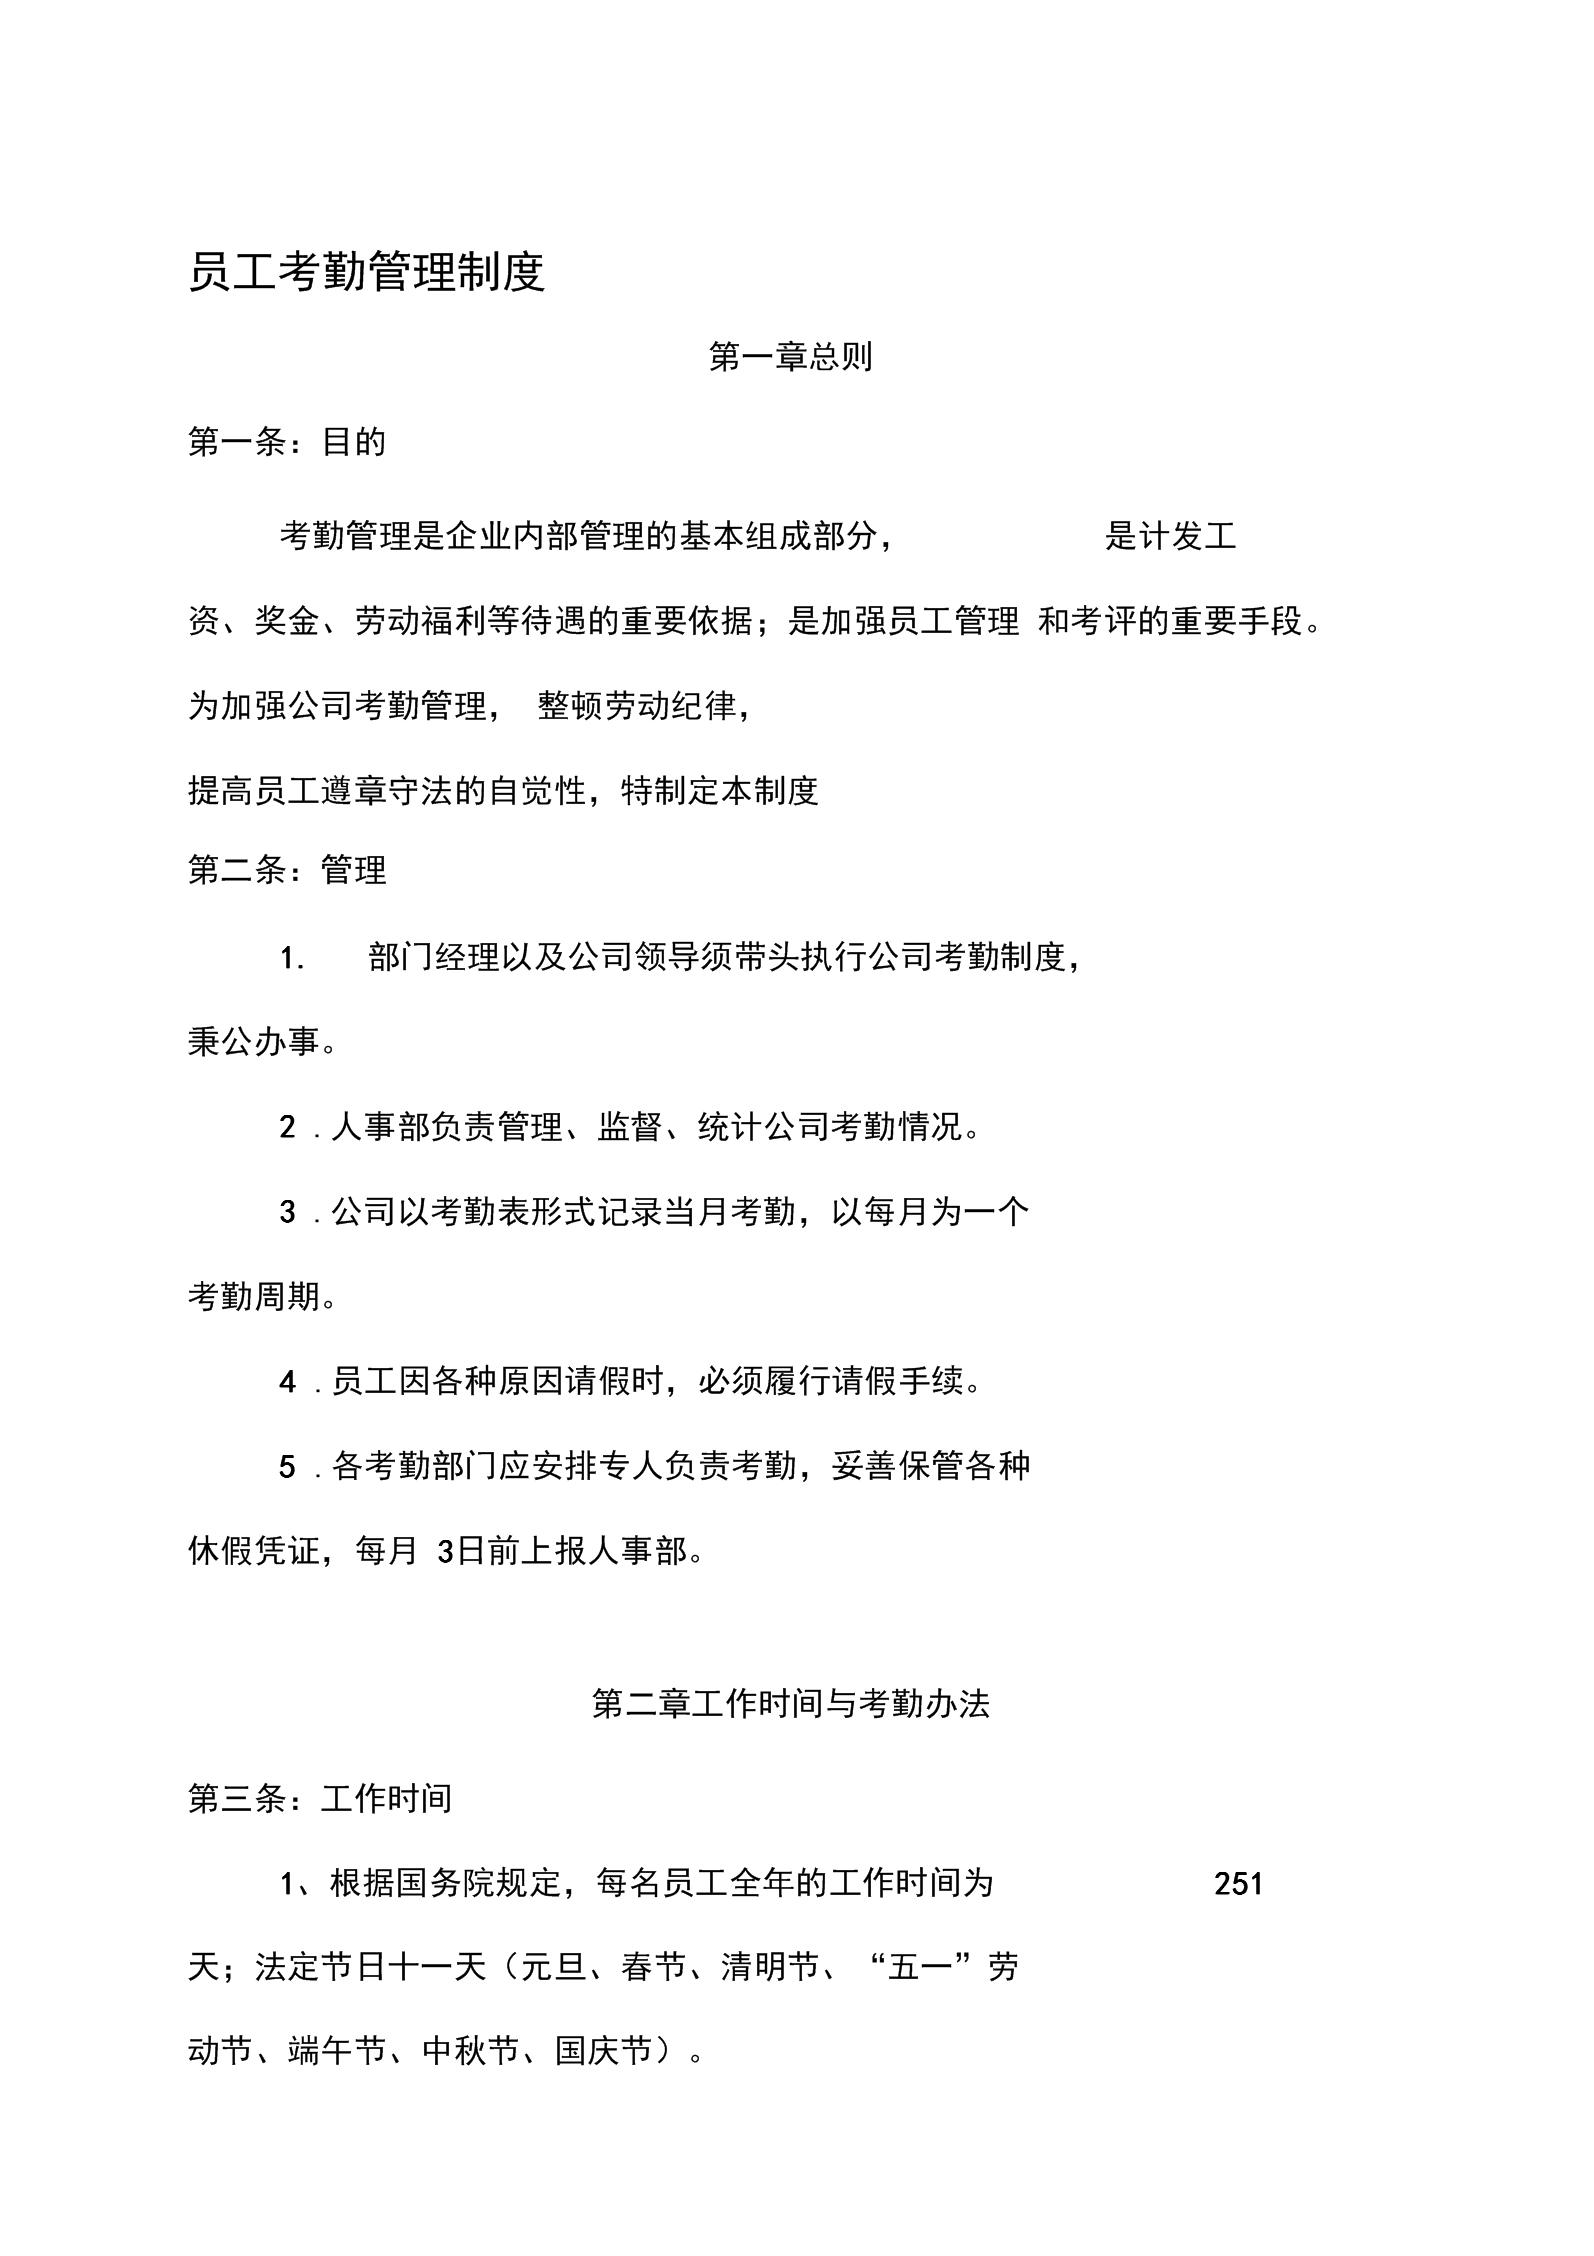 员工考勤制度最新修订版.docx